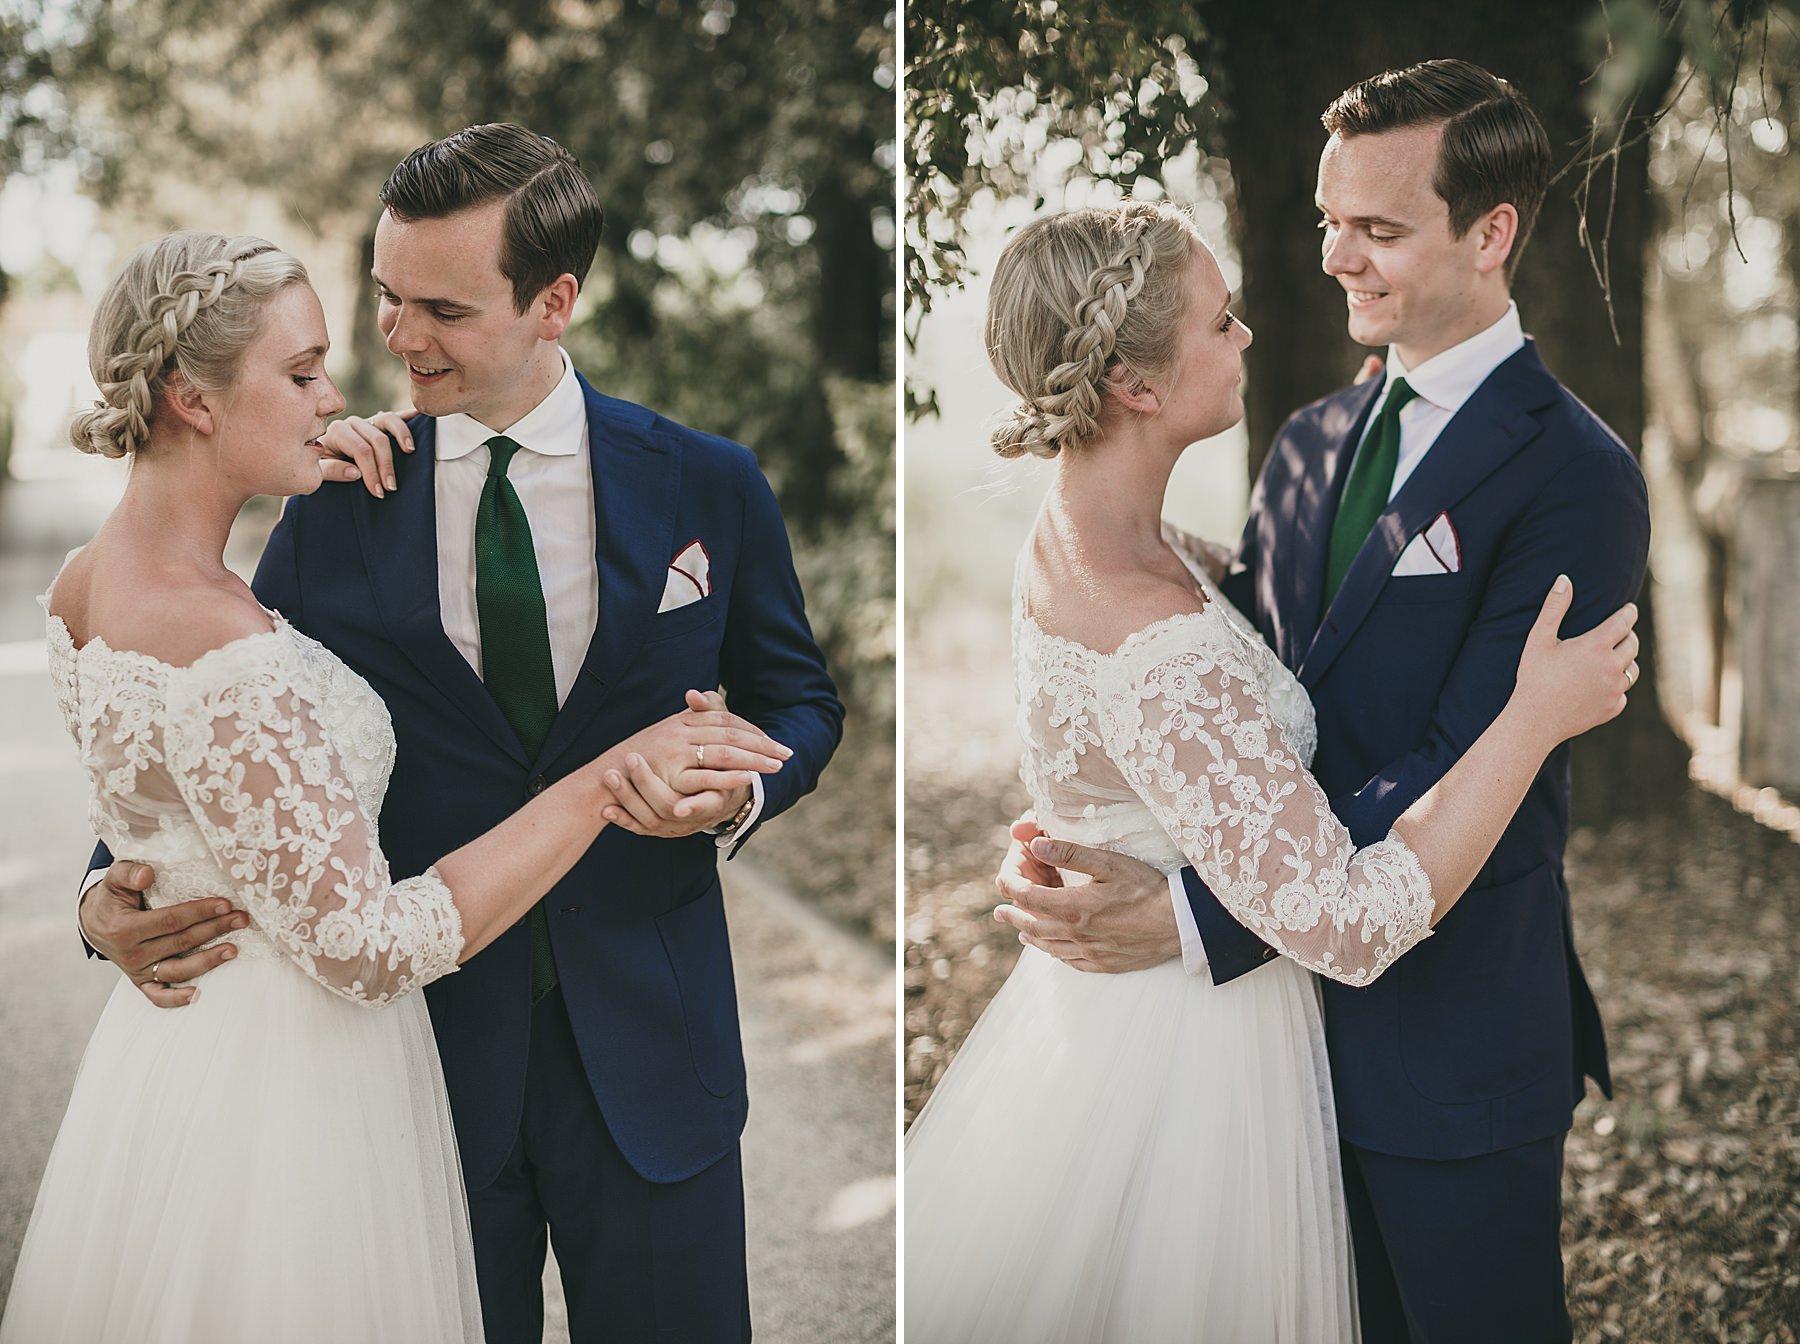 Foto di Sposi sotto gli alberi in un momento intimo